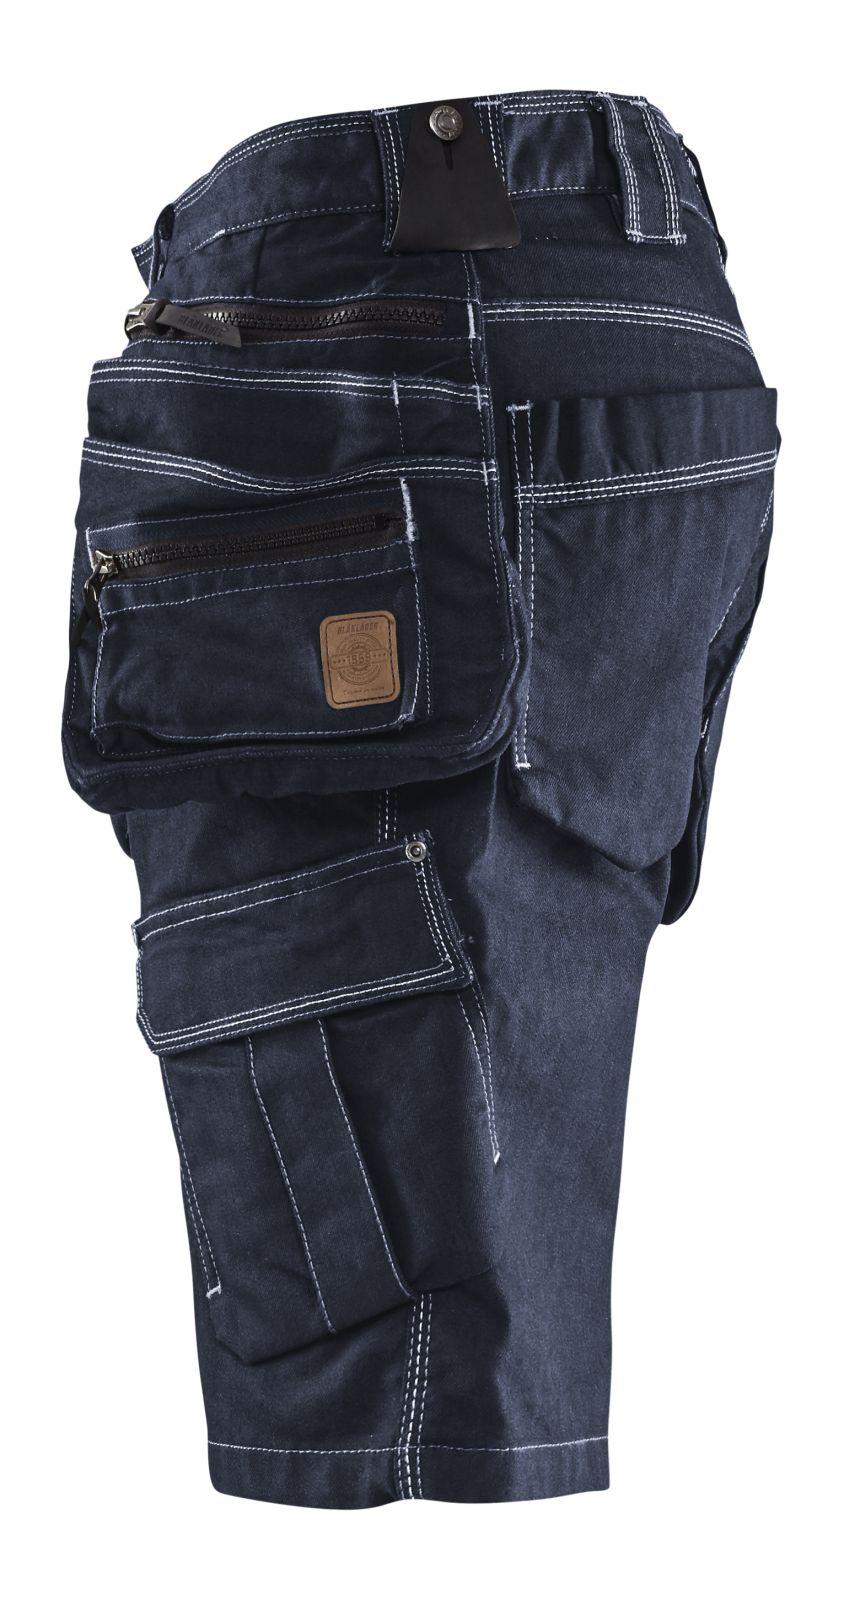 Blaklader Korte werkbroeken 19921141 marineblauw-zwart(8999)